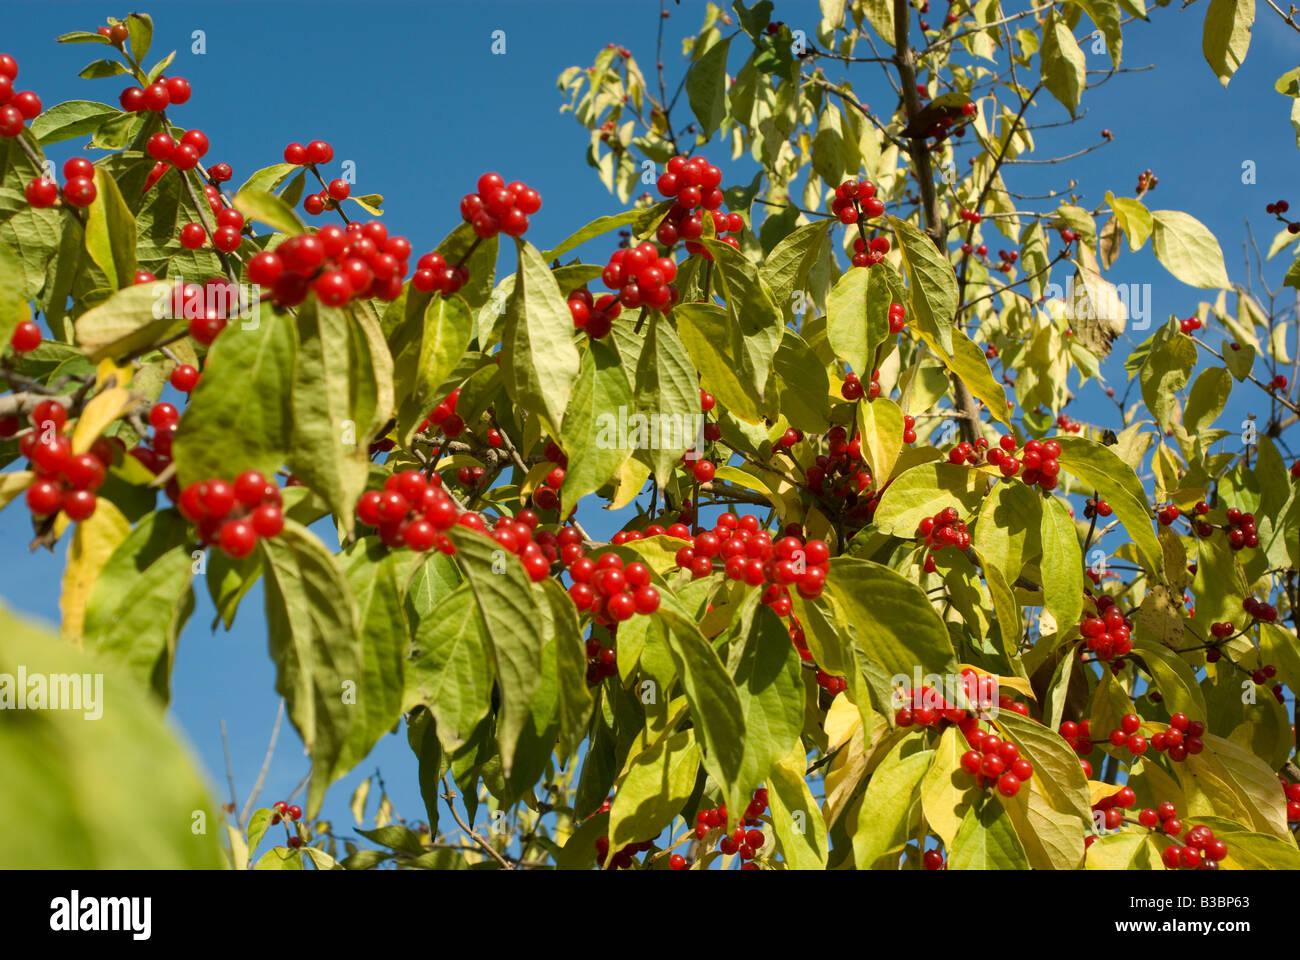 Etwas Neues genug Rote Beeren wachsen auf einem Baum im Spätherbst Stockfoto, Bild &WF_04